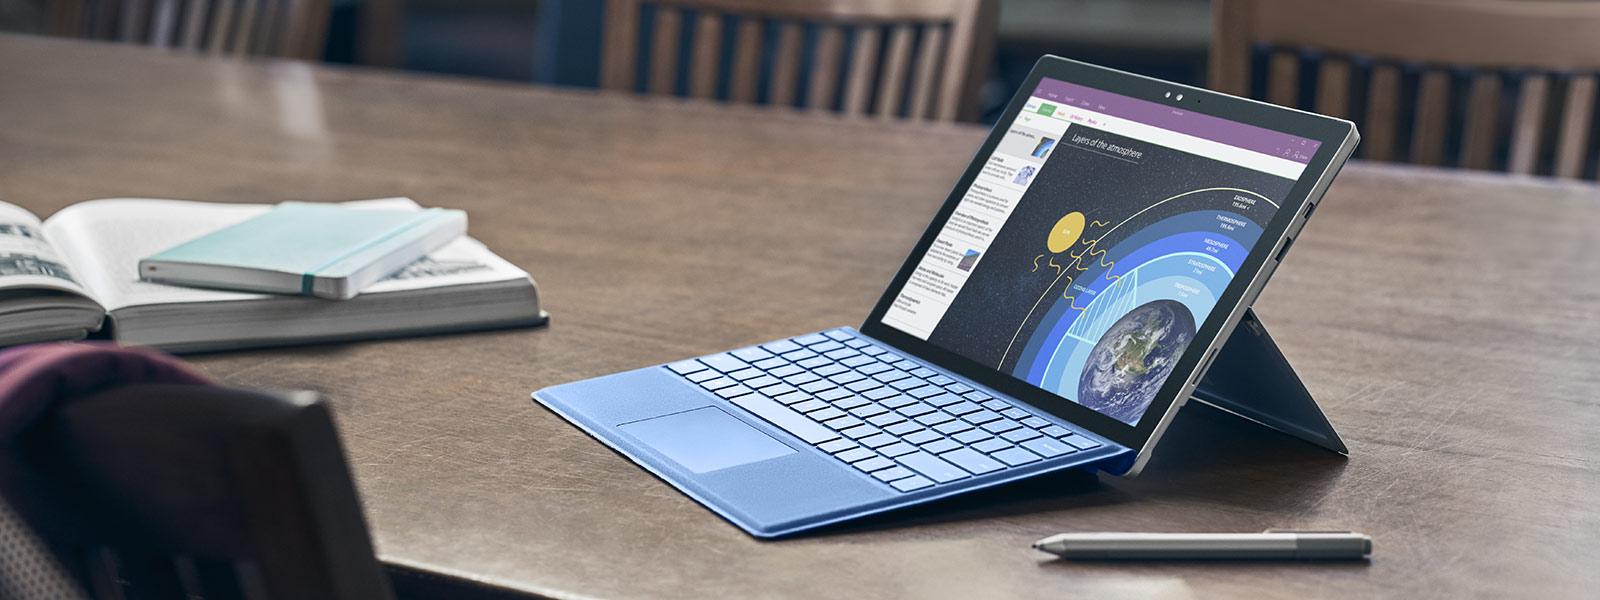 Surface Pro 4 dalam Mod Pro 4 dengan Pen Surface dan tetikus.